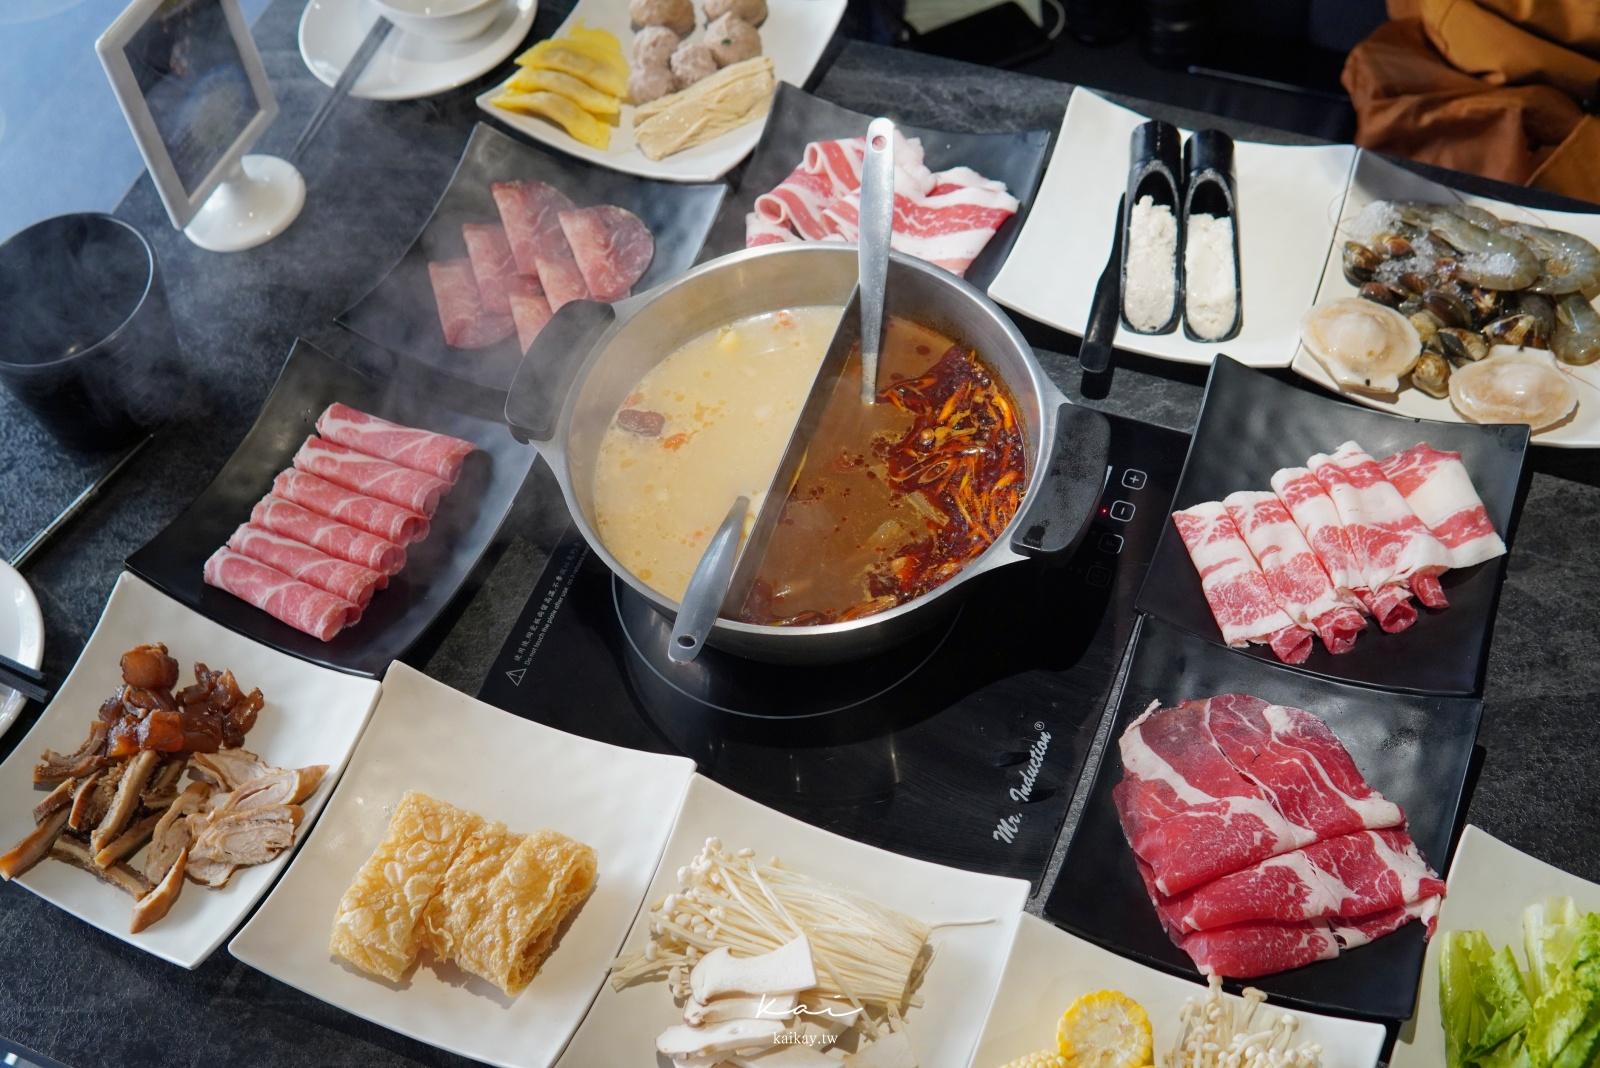 ☆【台北】椒心苑麻辣鍋。$558起安格斯黑牛吃到飽+莫凡彼冰淇淋(訂位 菜單)